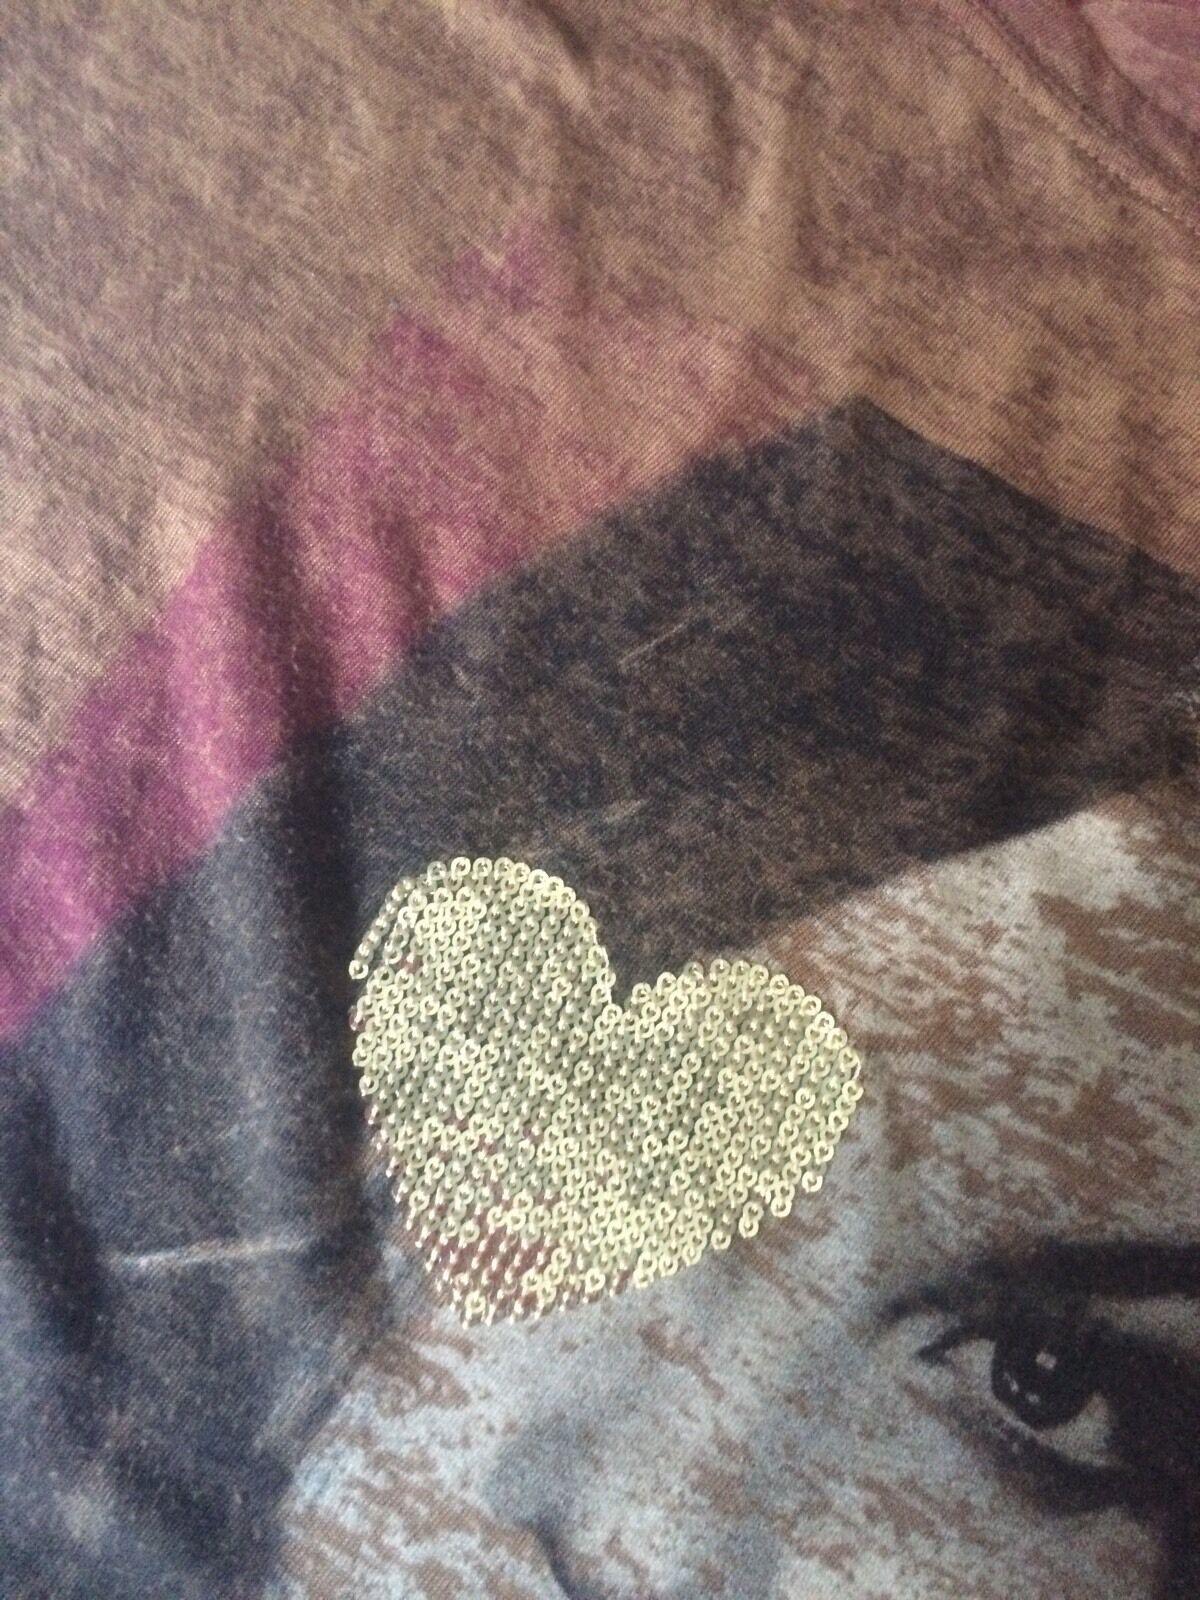 Dept Shirt Top Braun Goldene Pailletten Gr. M M M 38 Conleys Impressionen | Zarte  | Am praktischsten  | Ausgezeichnete Qualität  375c85